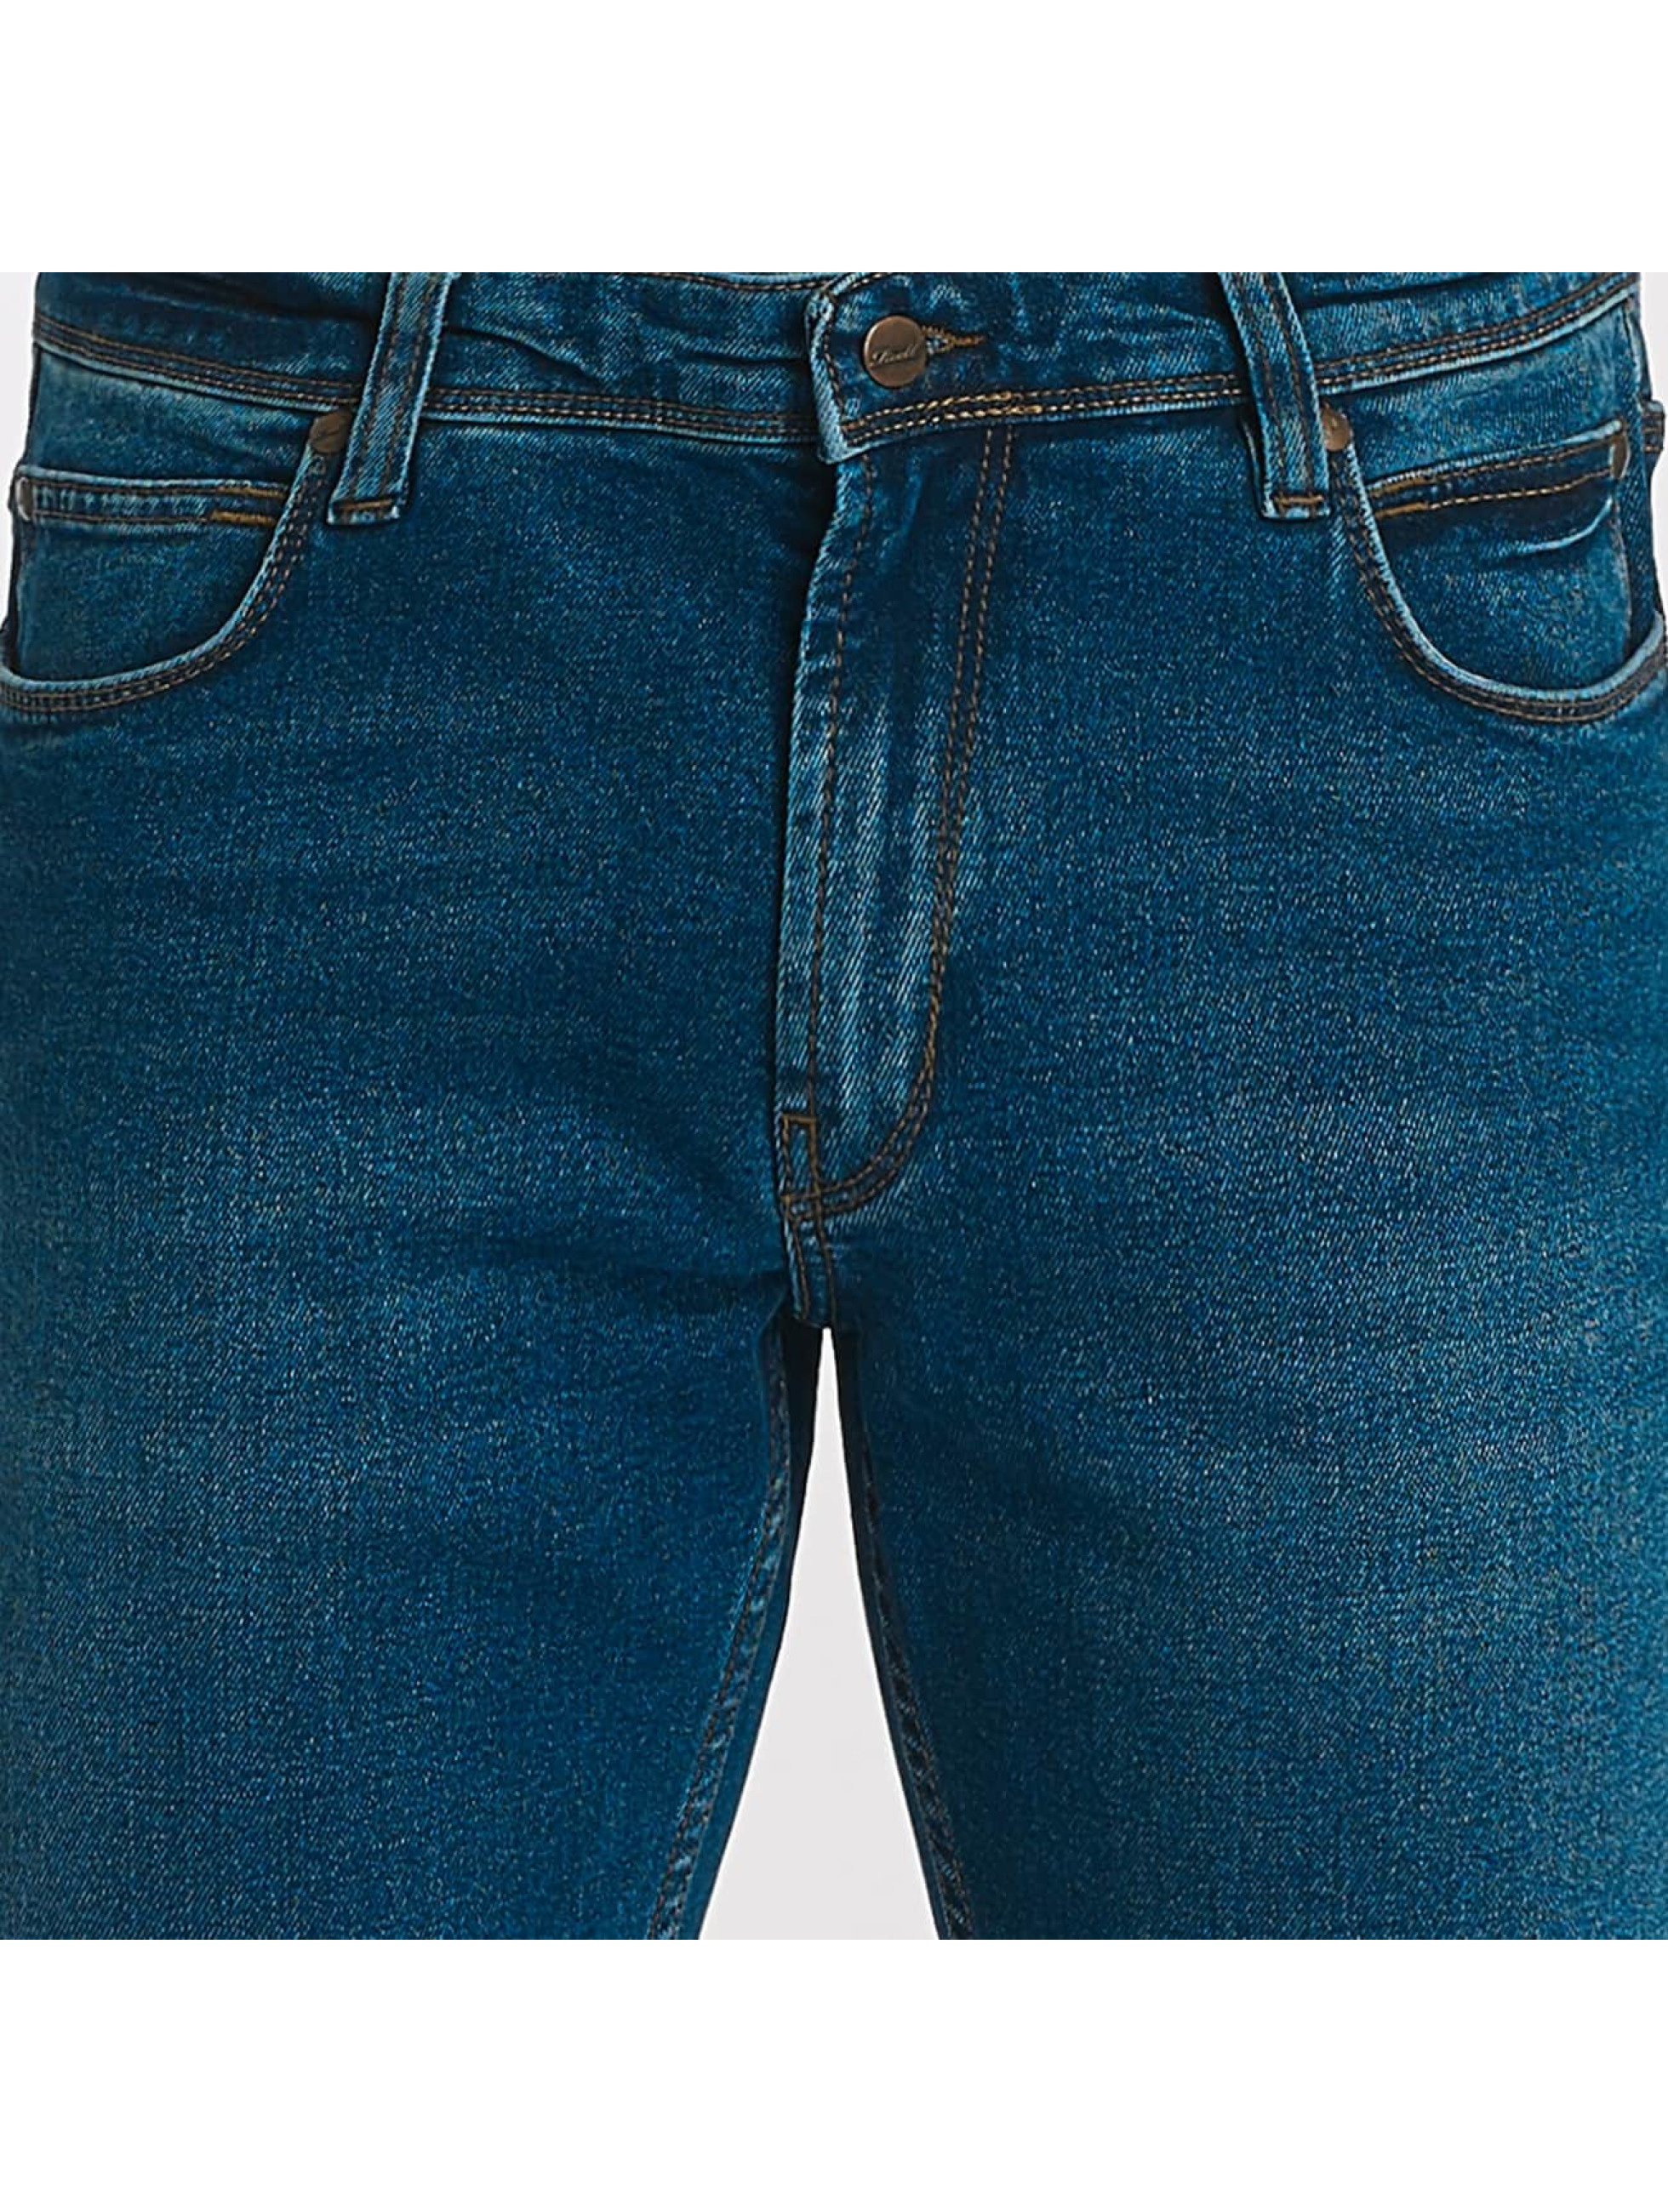 Reell Jeans Jeans straight fit Nova II blu